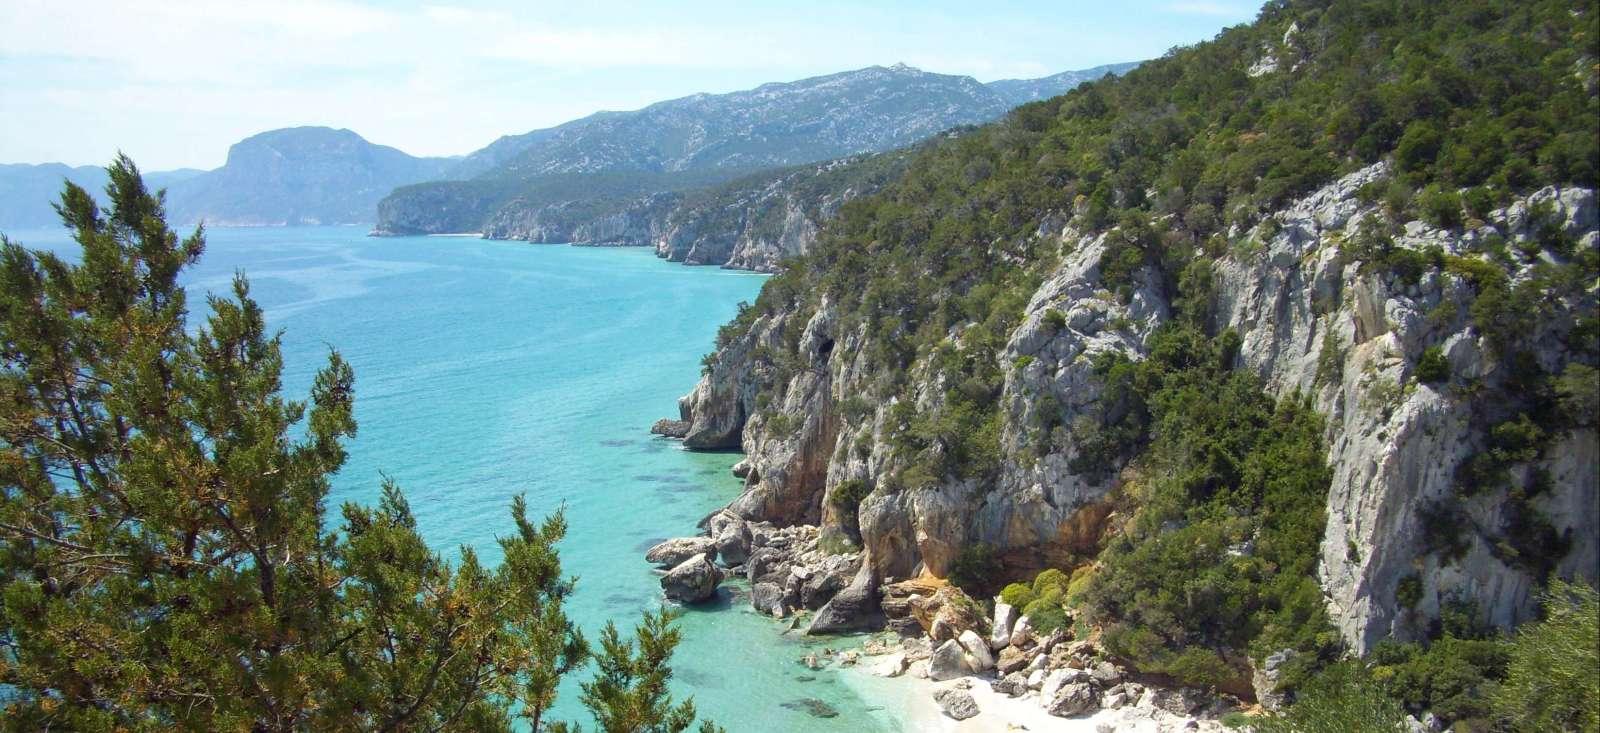 Voyage à pied : Sardaigne, perle de M\'diterranée